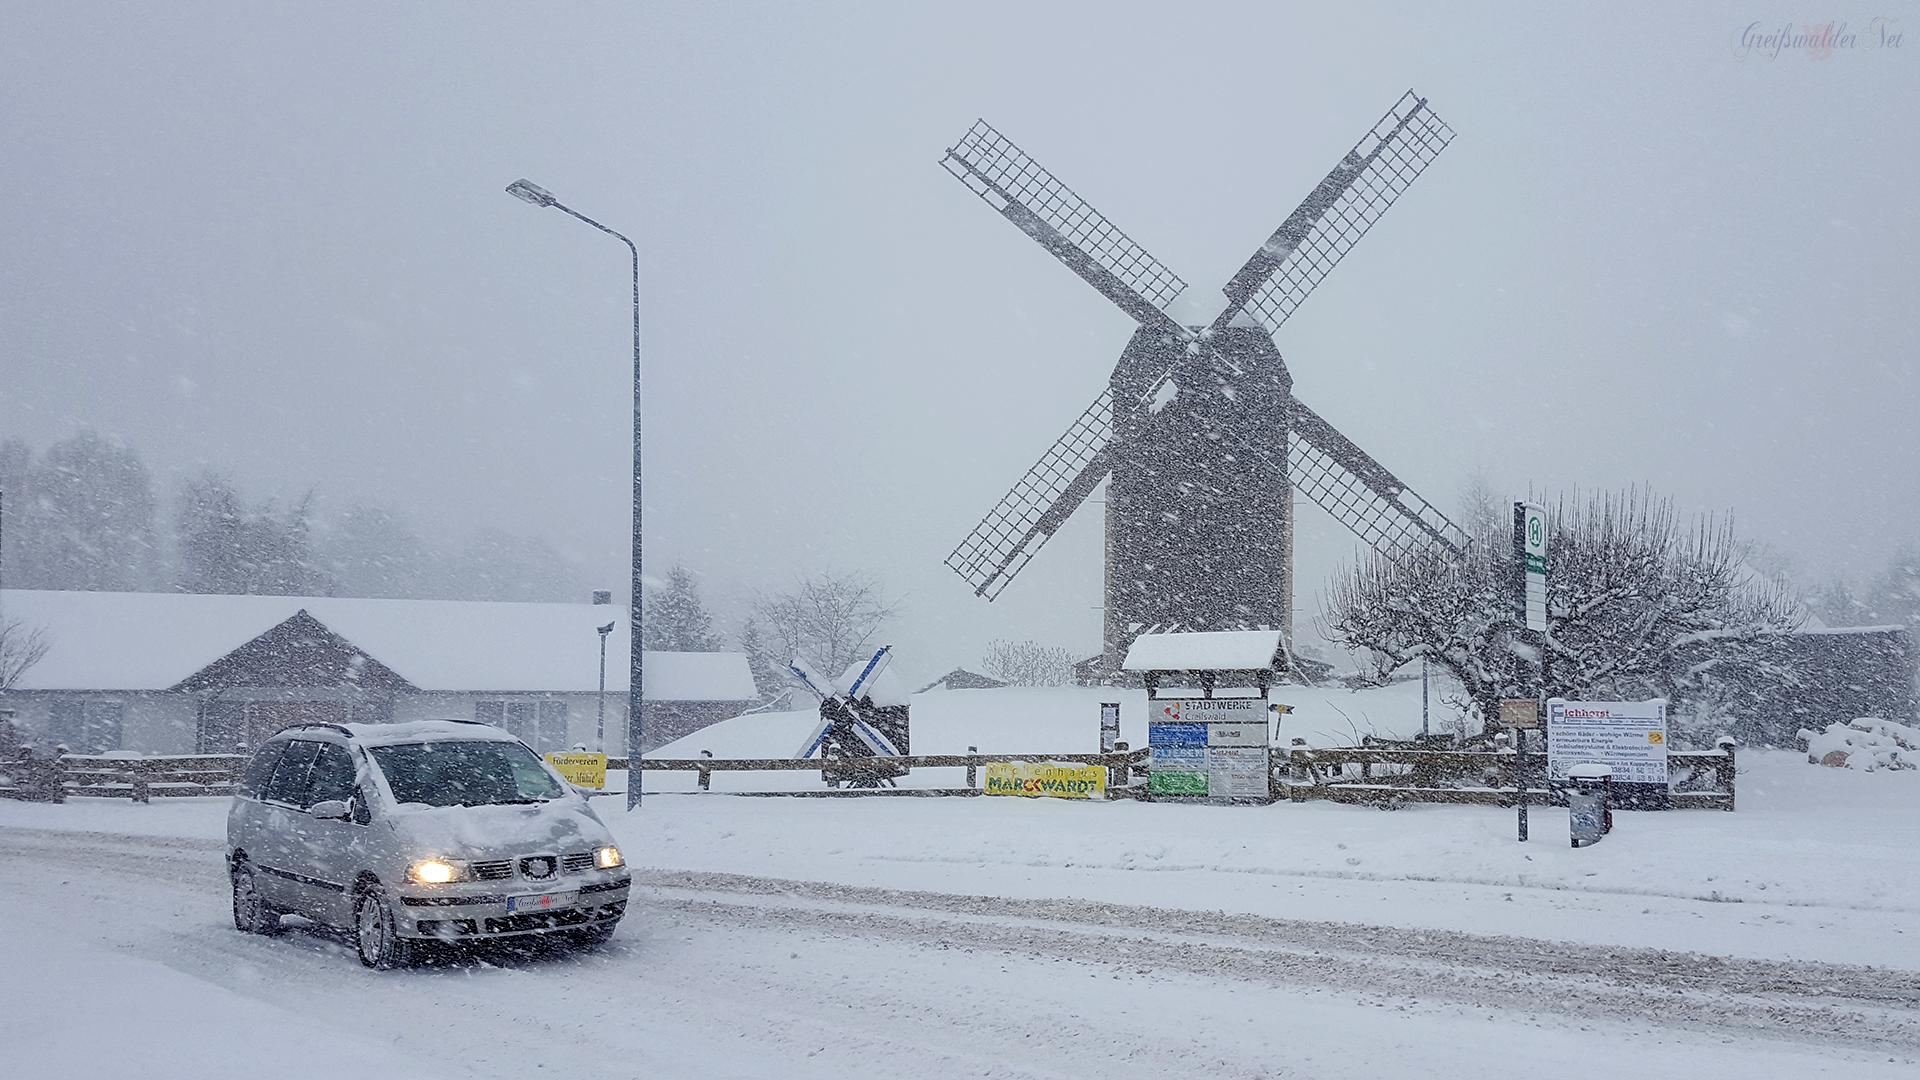 Schneesturm an der Mühle in Greifswald-Eldena